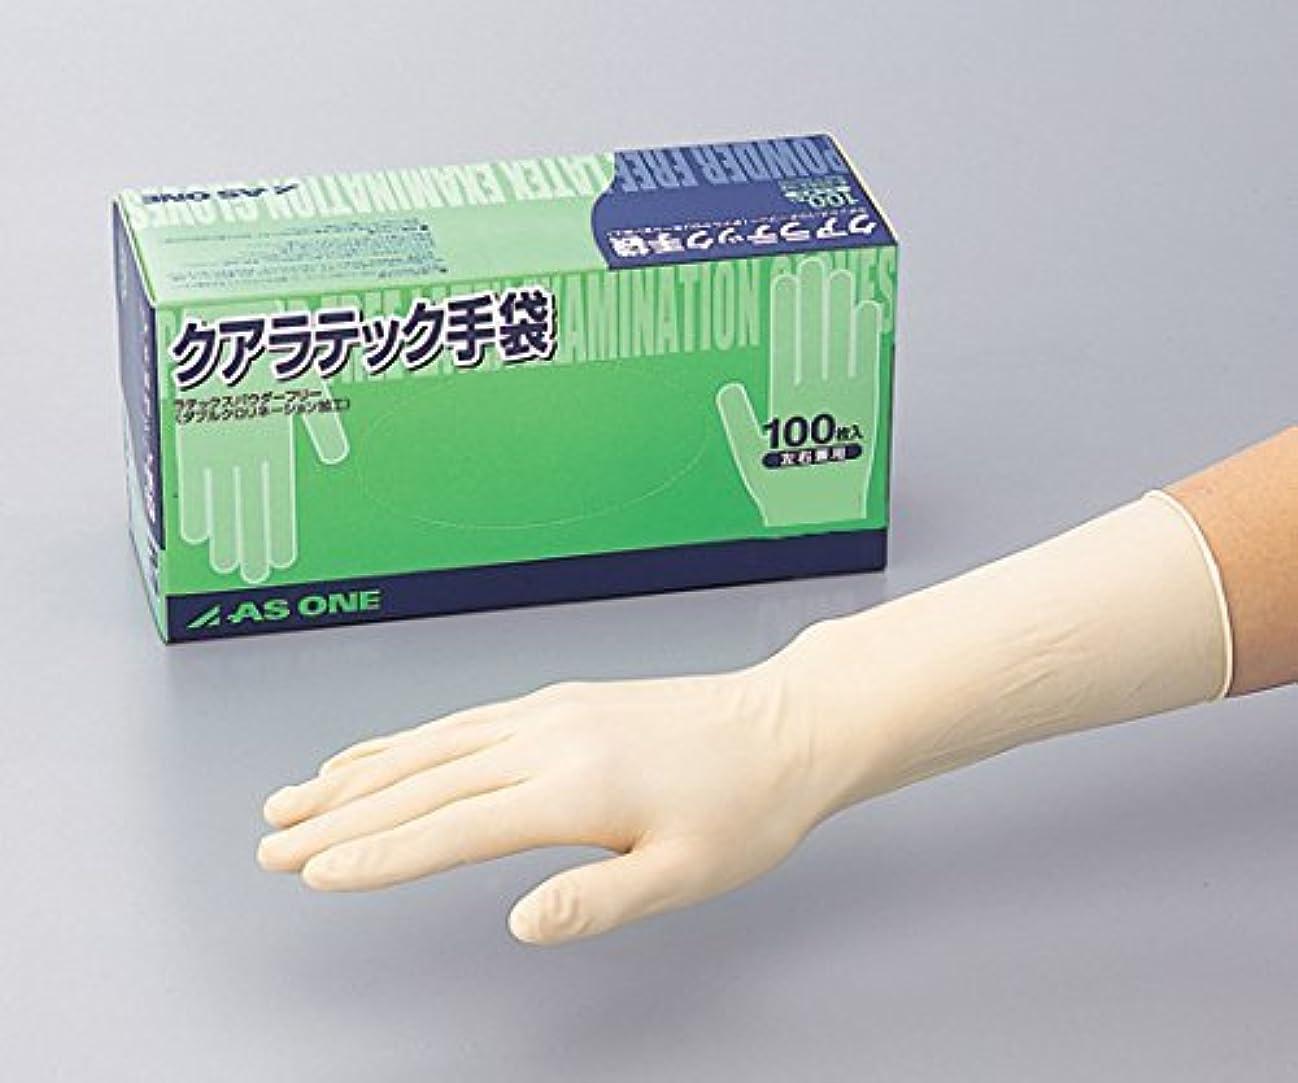 前述の人類プレゼントアズワン8-4053-01クアラテック手袋(DXパウダーフリー)L1箱(100枚入)